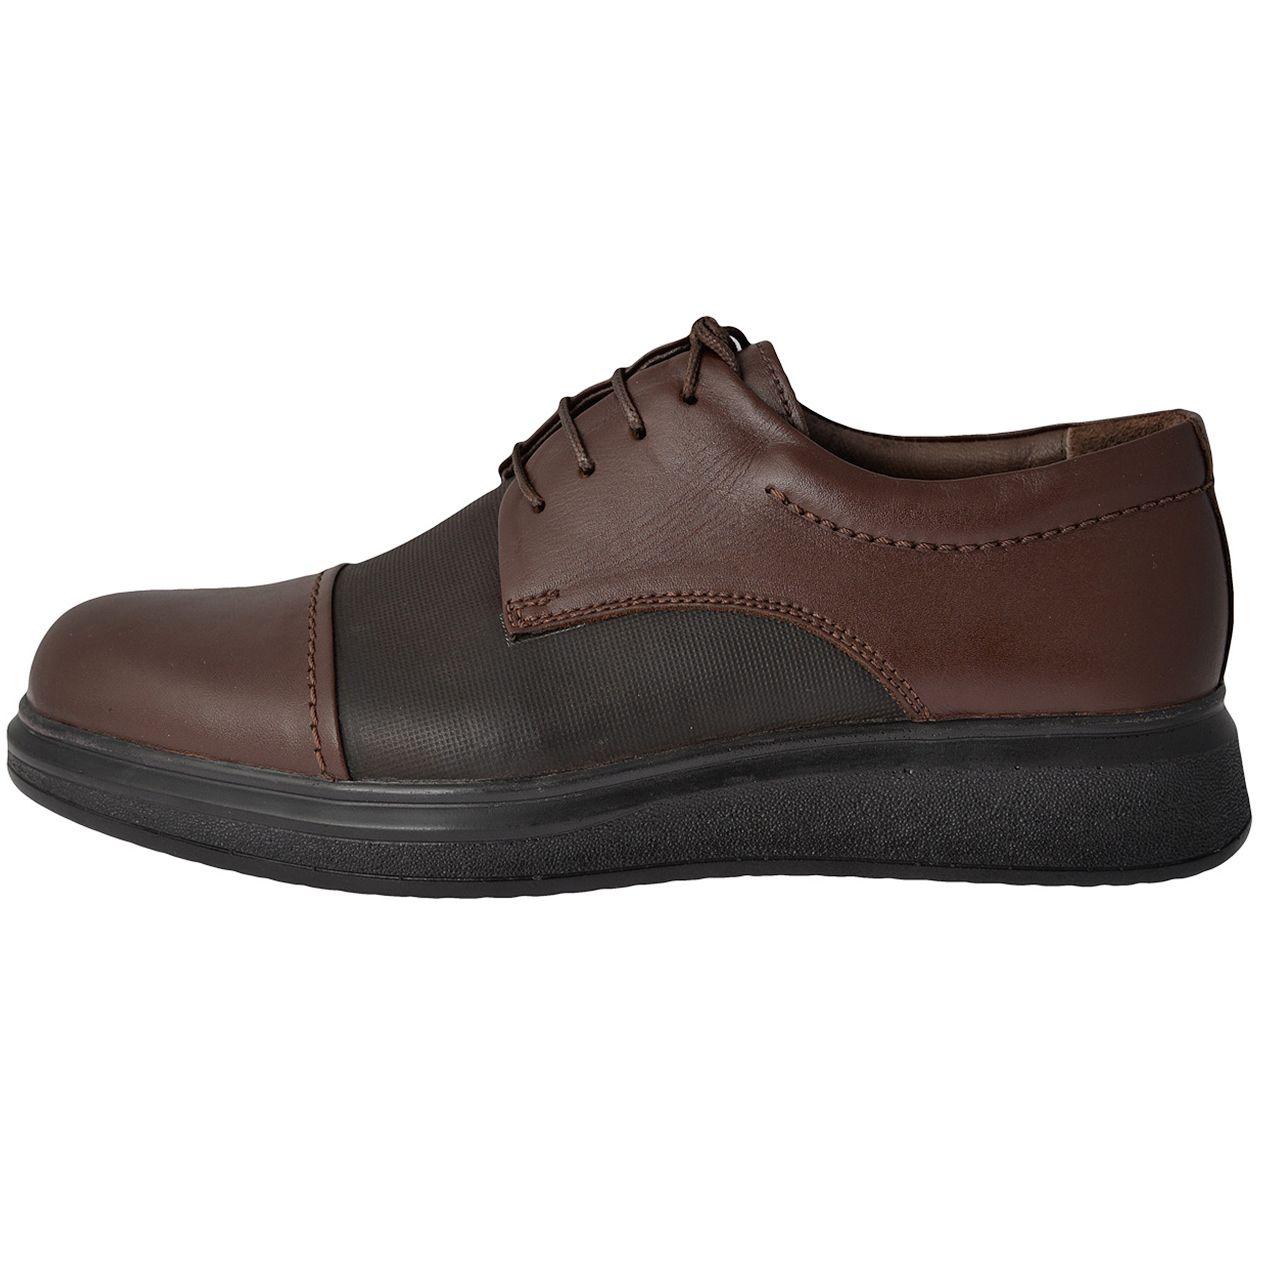 کفش روزمره مردانه کد 324006708 -  - 4